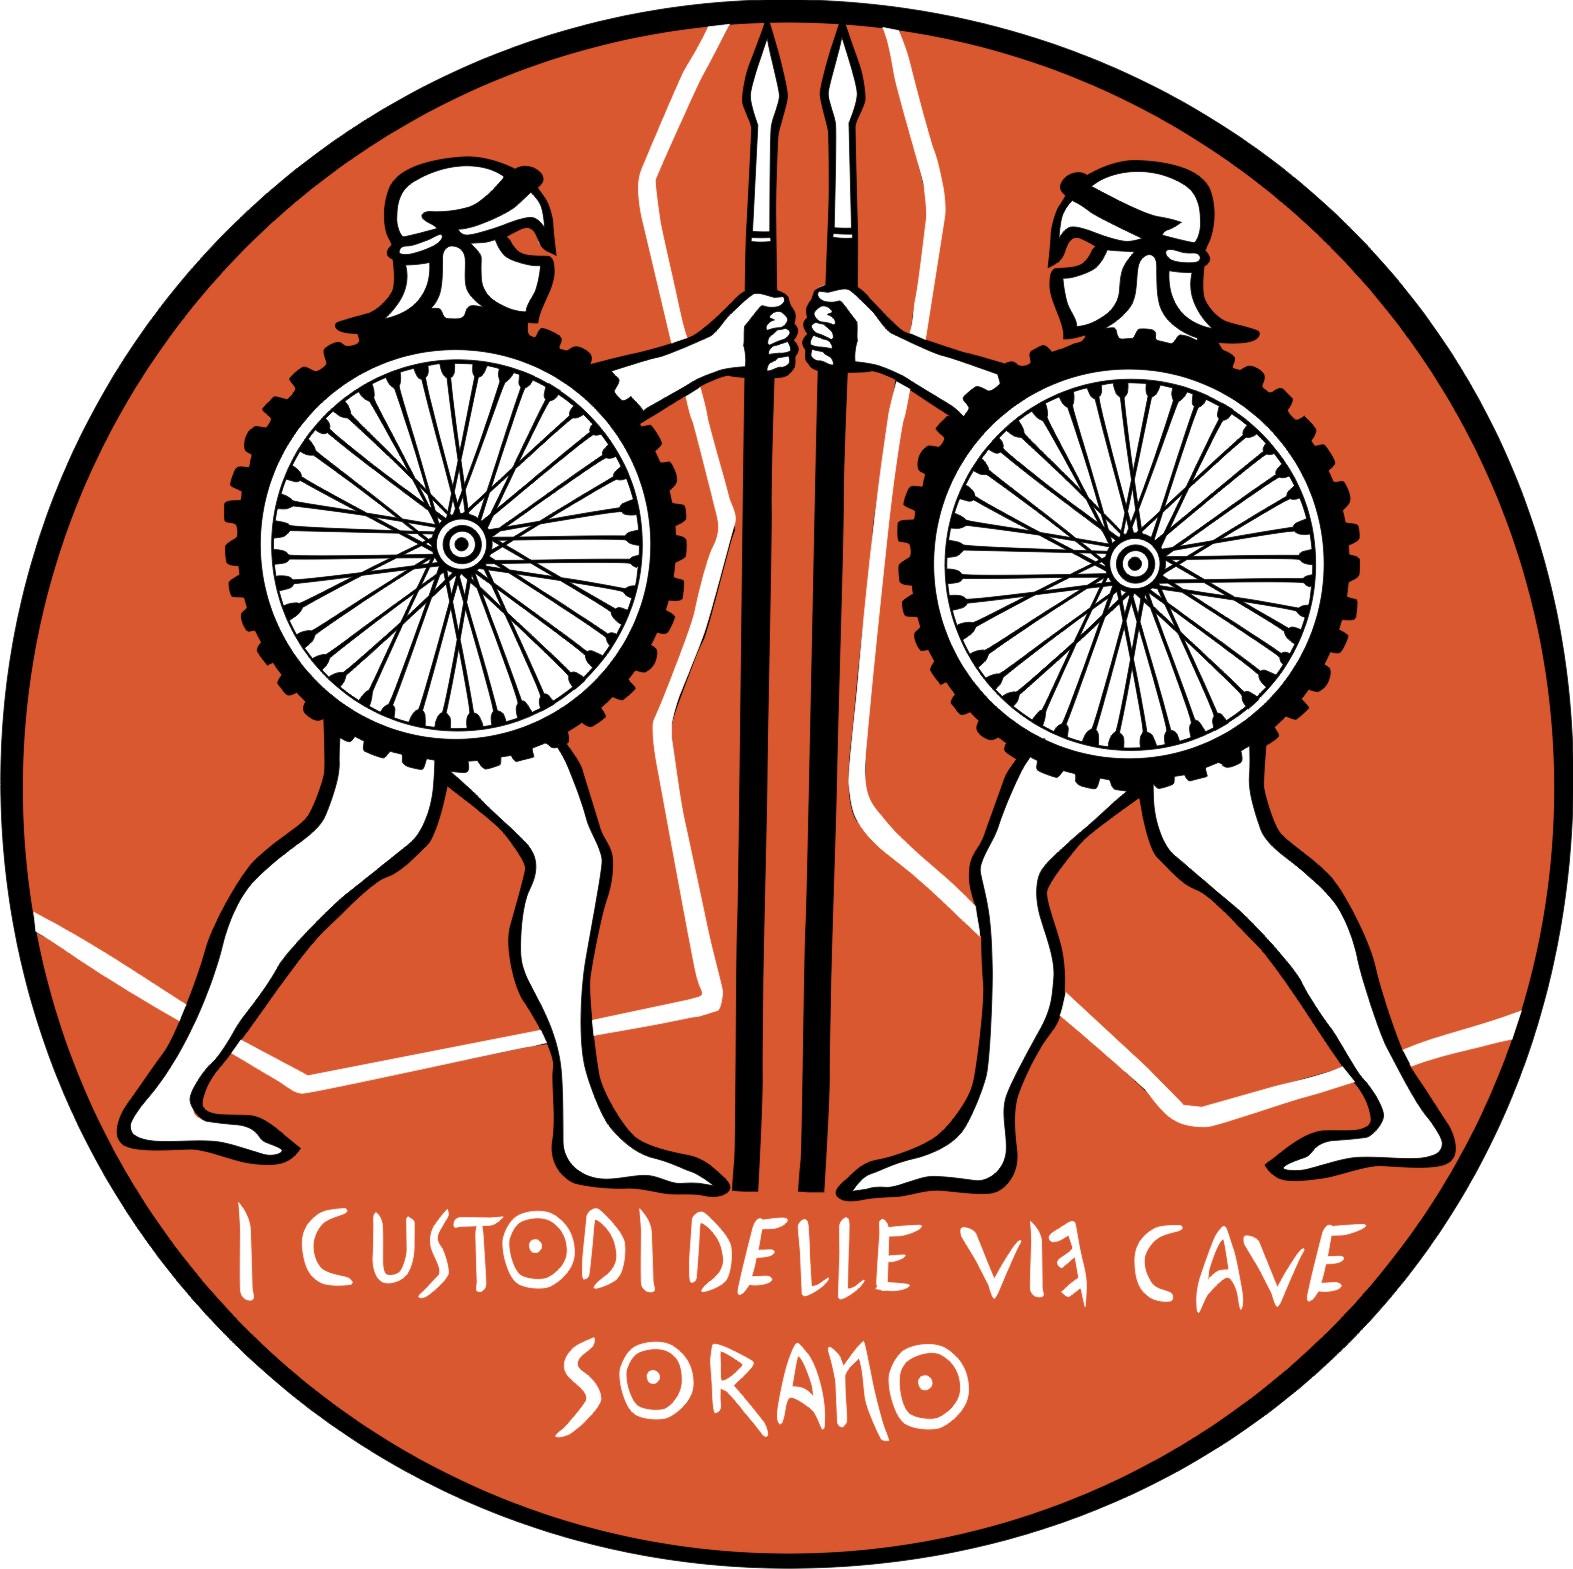 I Custodi delle Vie Cave